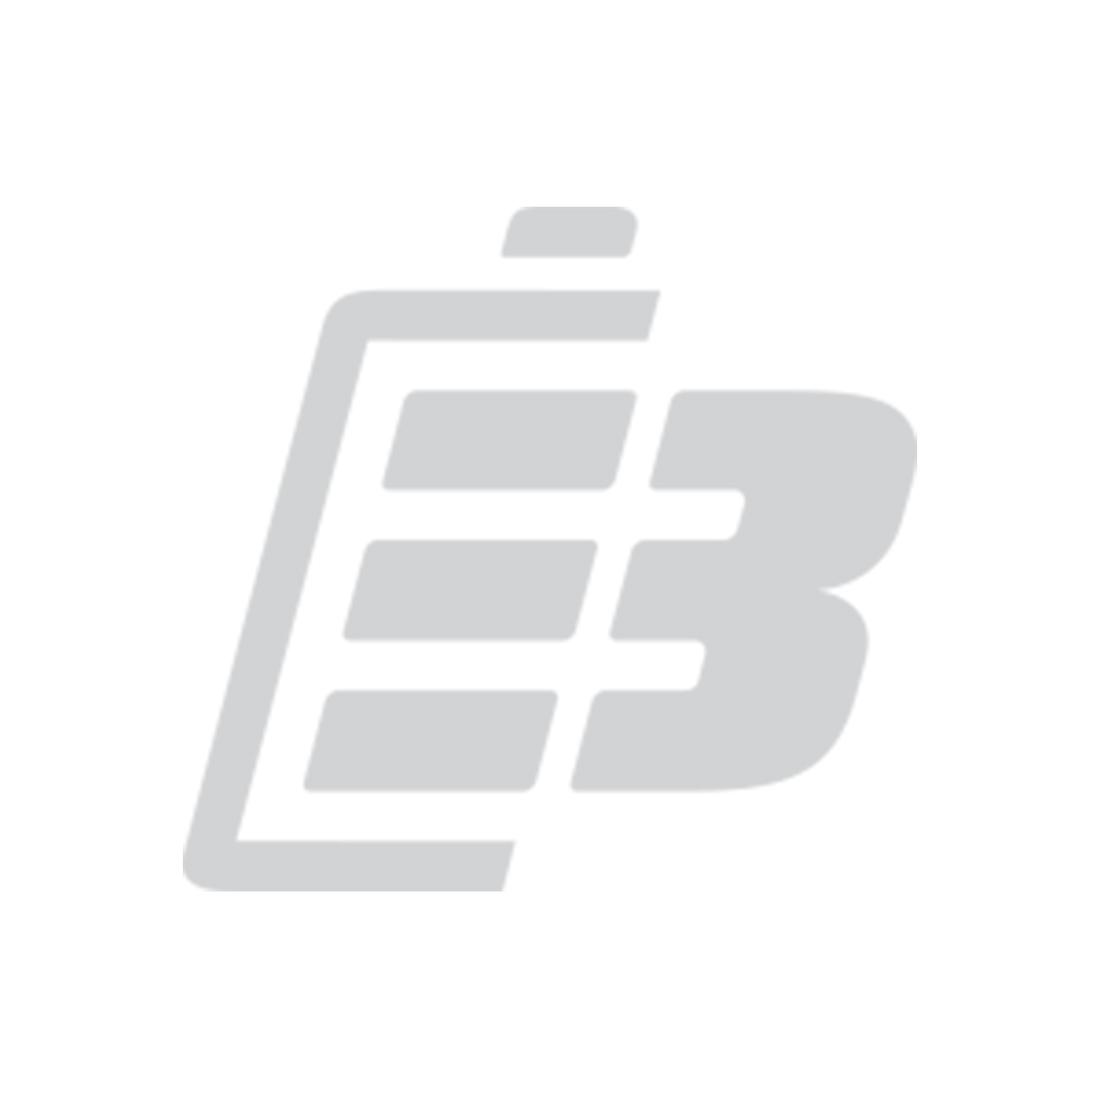 Μπαταρία MP3 Apple iPod Shuffle 1st generation_1